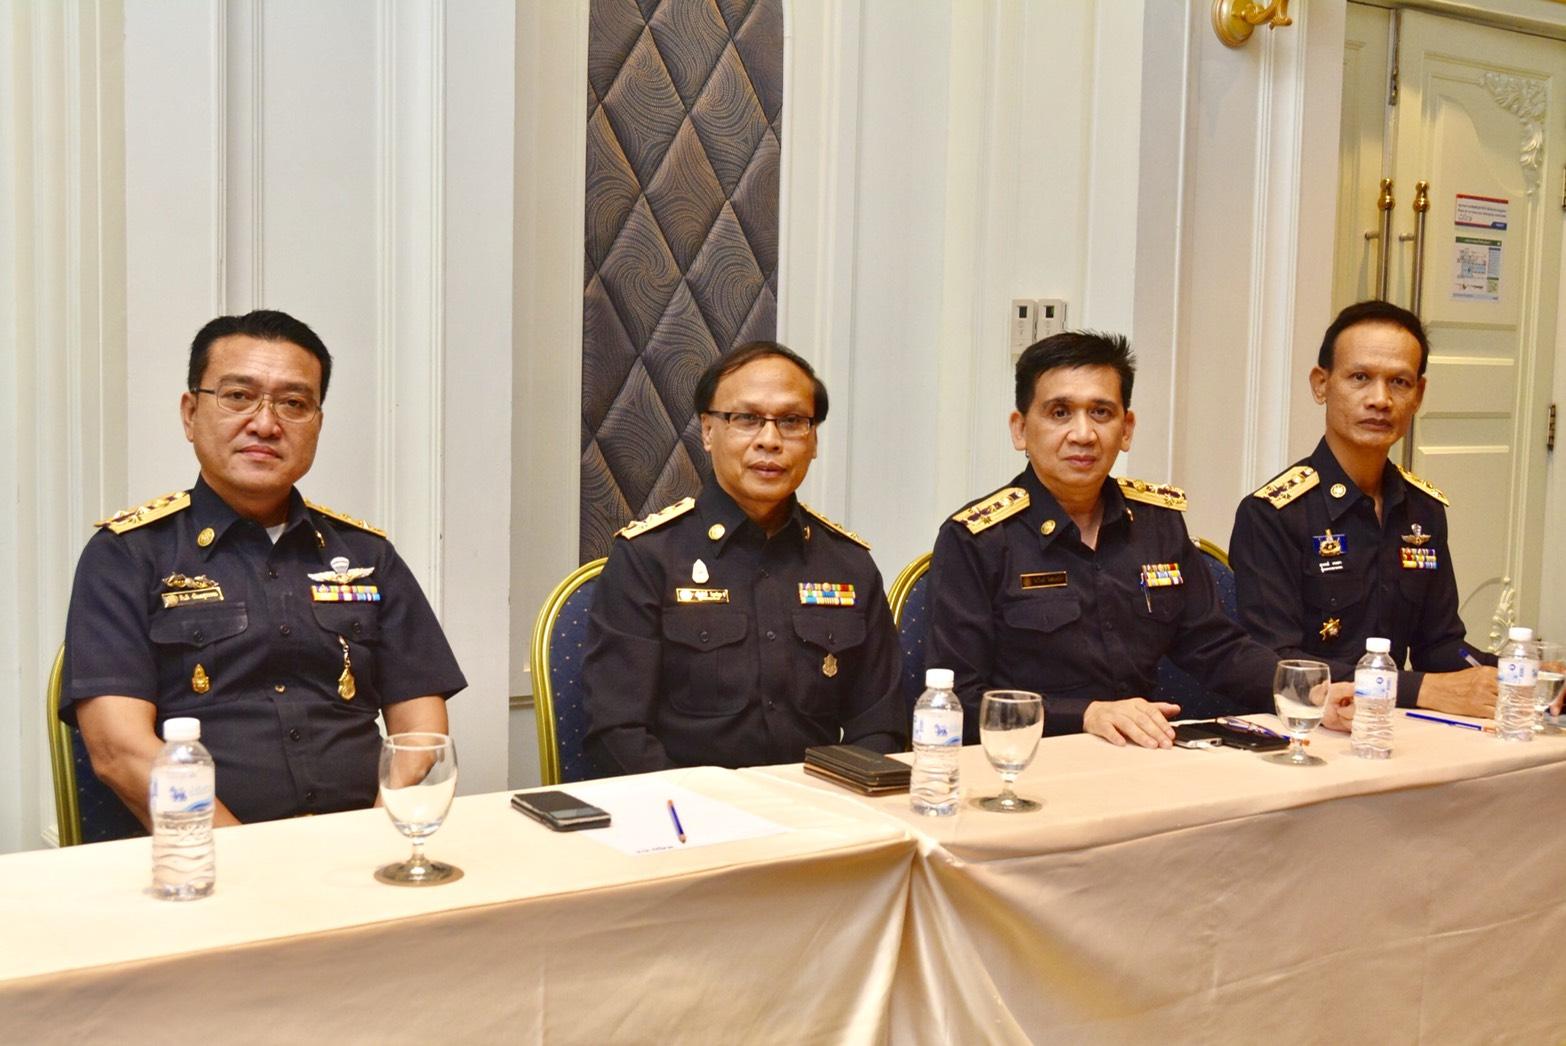 ประชุมมอบนโยบายและชี้แจงแนวทางการปฏิบัติงานด้านการตรวจสอบ ปราบปราม จับกุม และดำเนินคดีคนต่างด้าวลักลอบทำงานโดยไม่ได้รับอนุญาต ณ ศูนย์การประชุมอิมแพ็คเมืองทองธานี จังหวัดนนทบุรี